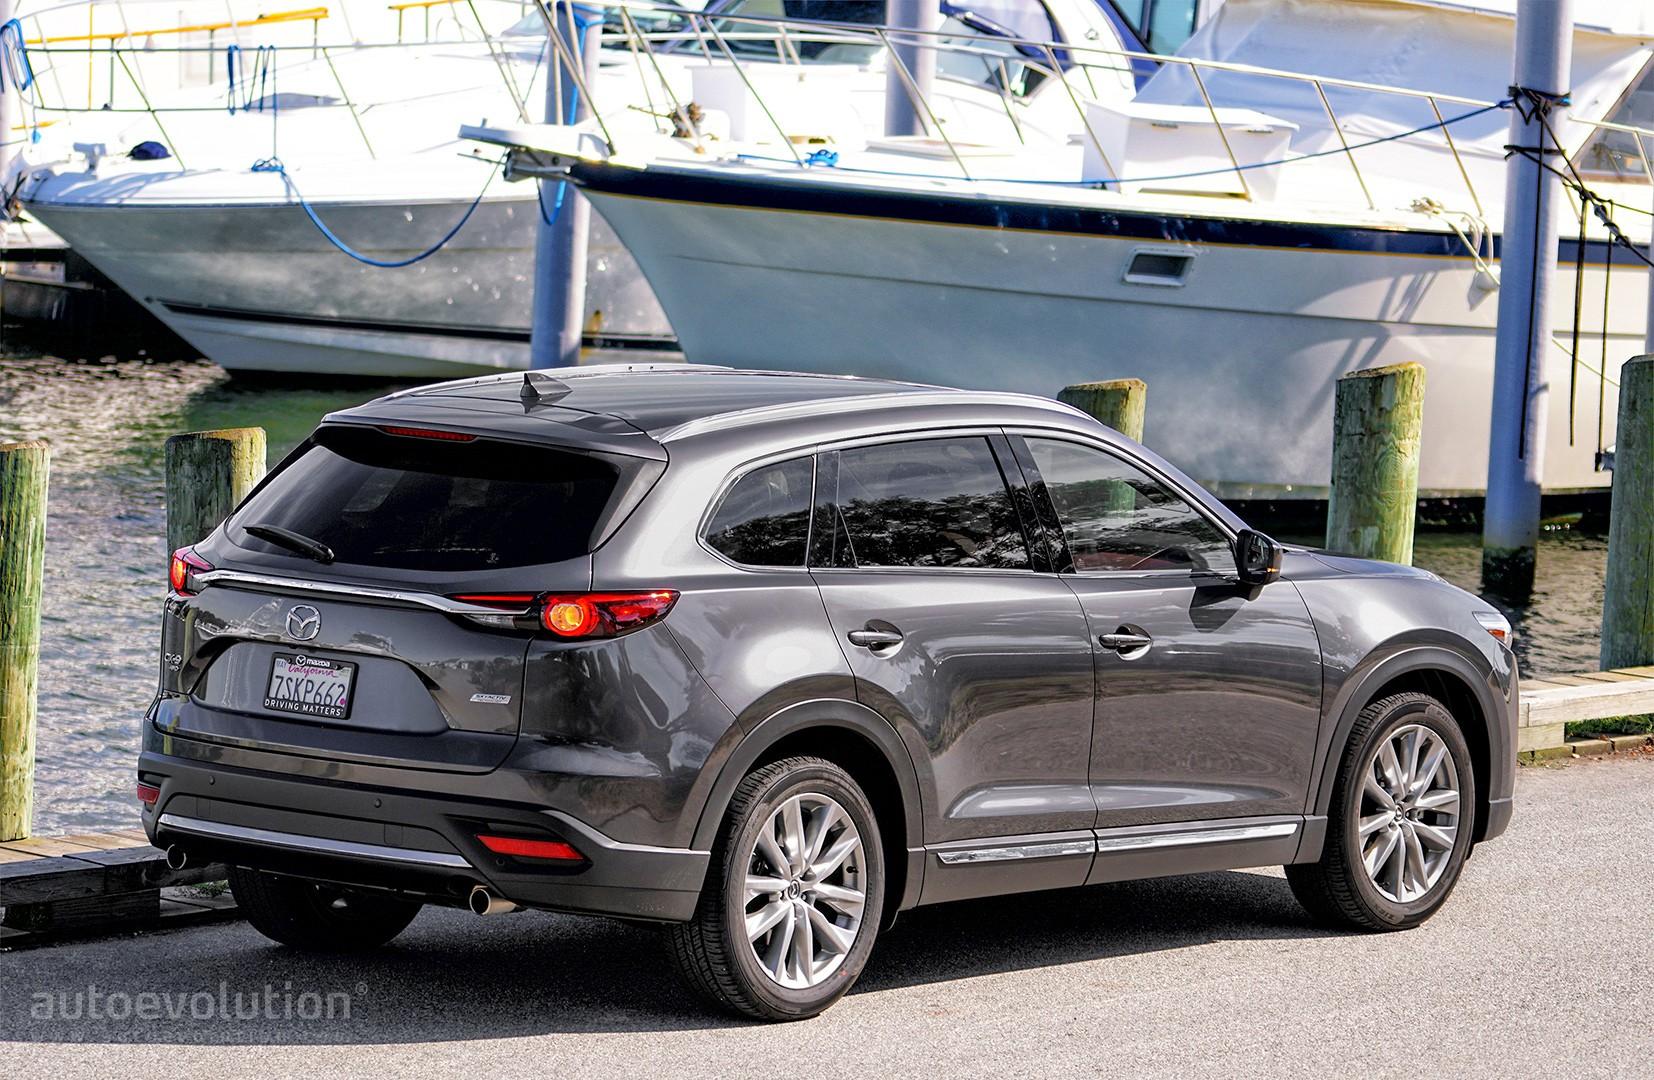 2018 Cx9 >> Driven: 2017 Mazda CX-9 Signature AWD - autoevolution